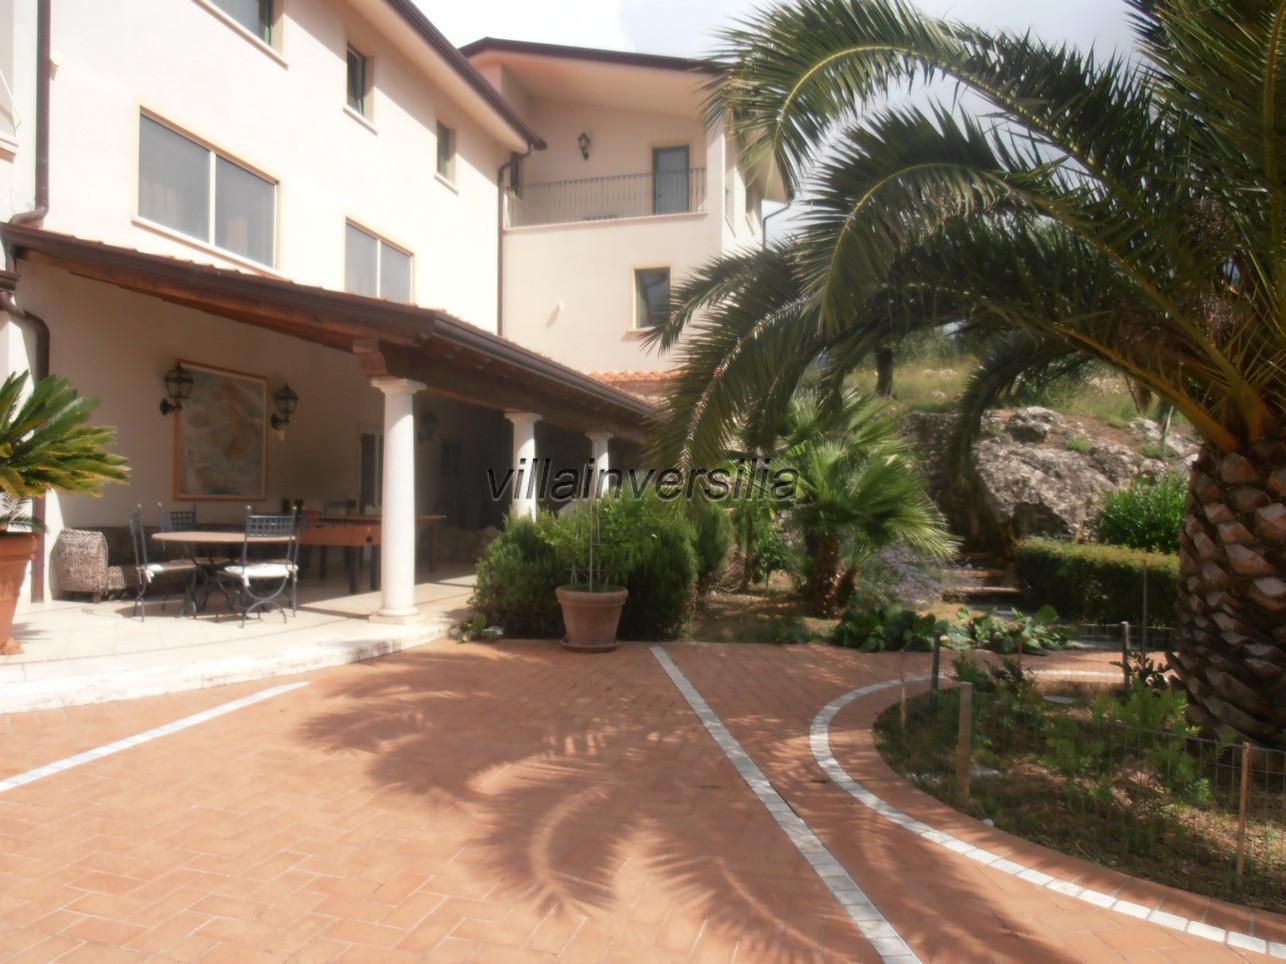 Foto 13/21 per rif. V 322021 villa piscina Versilia